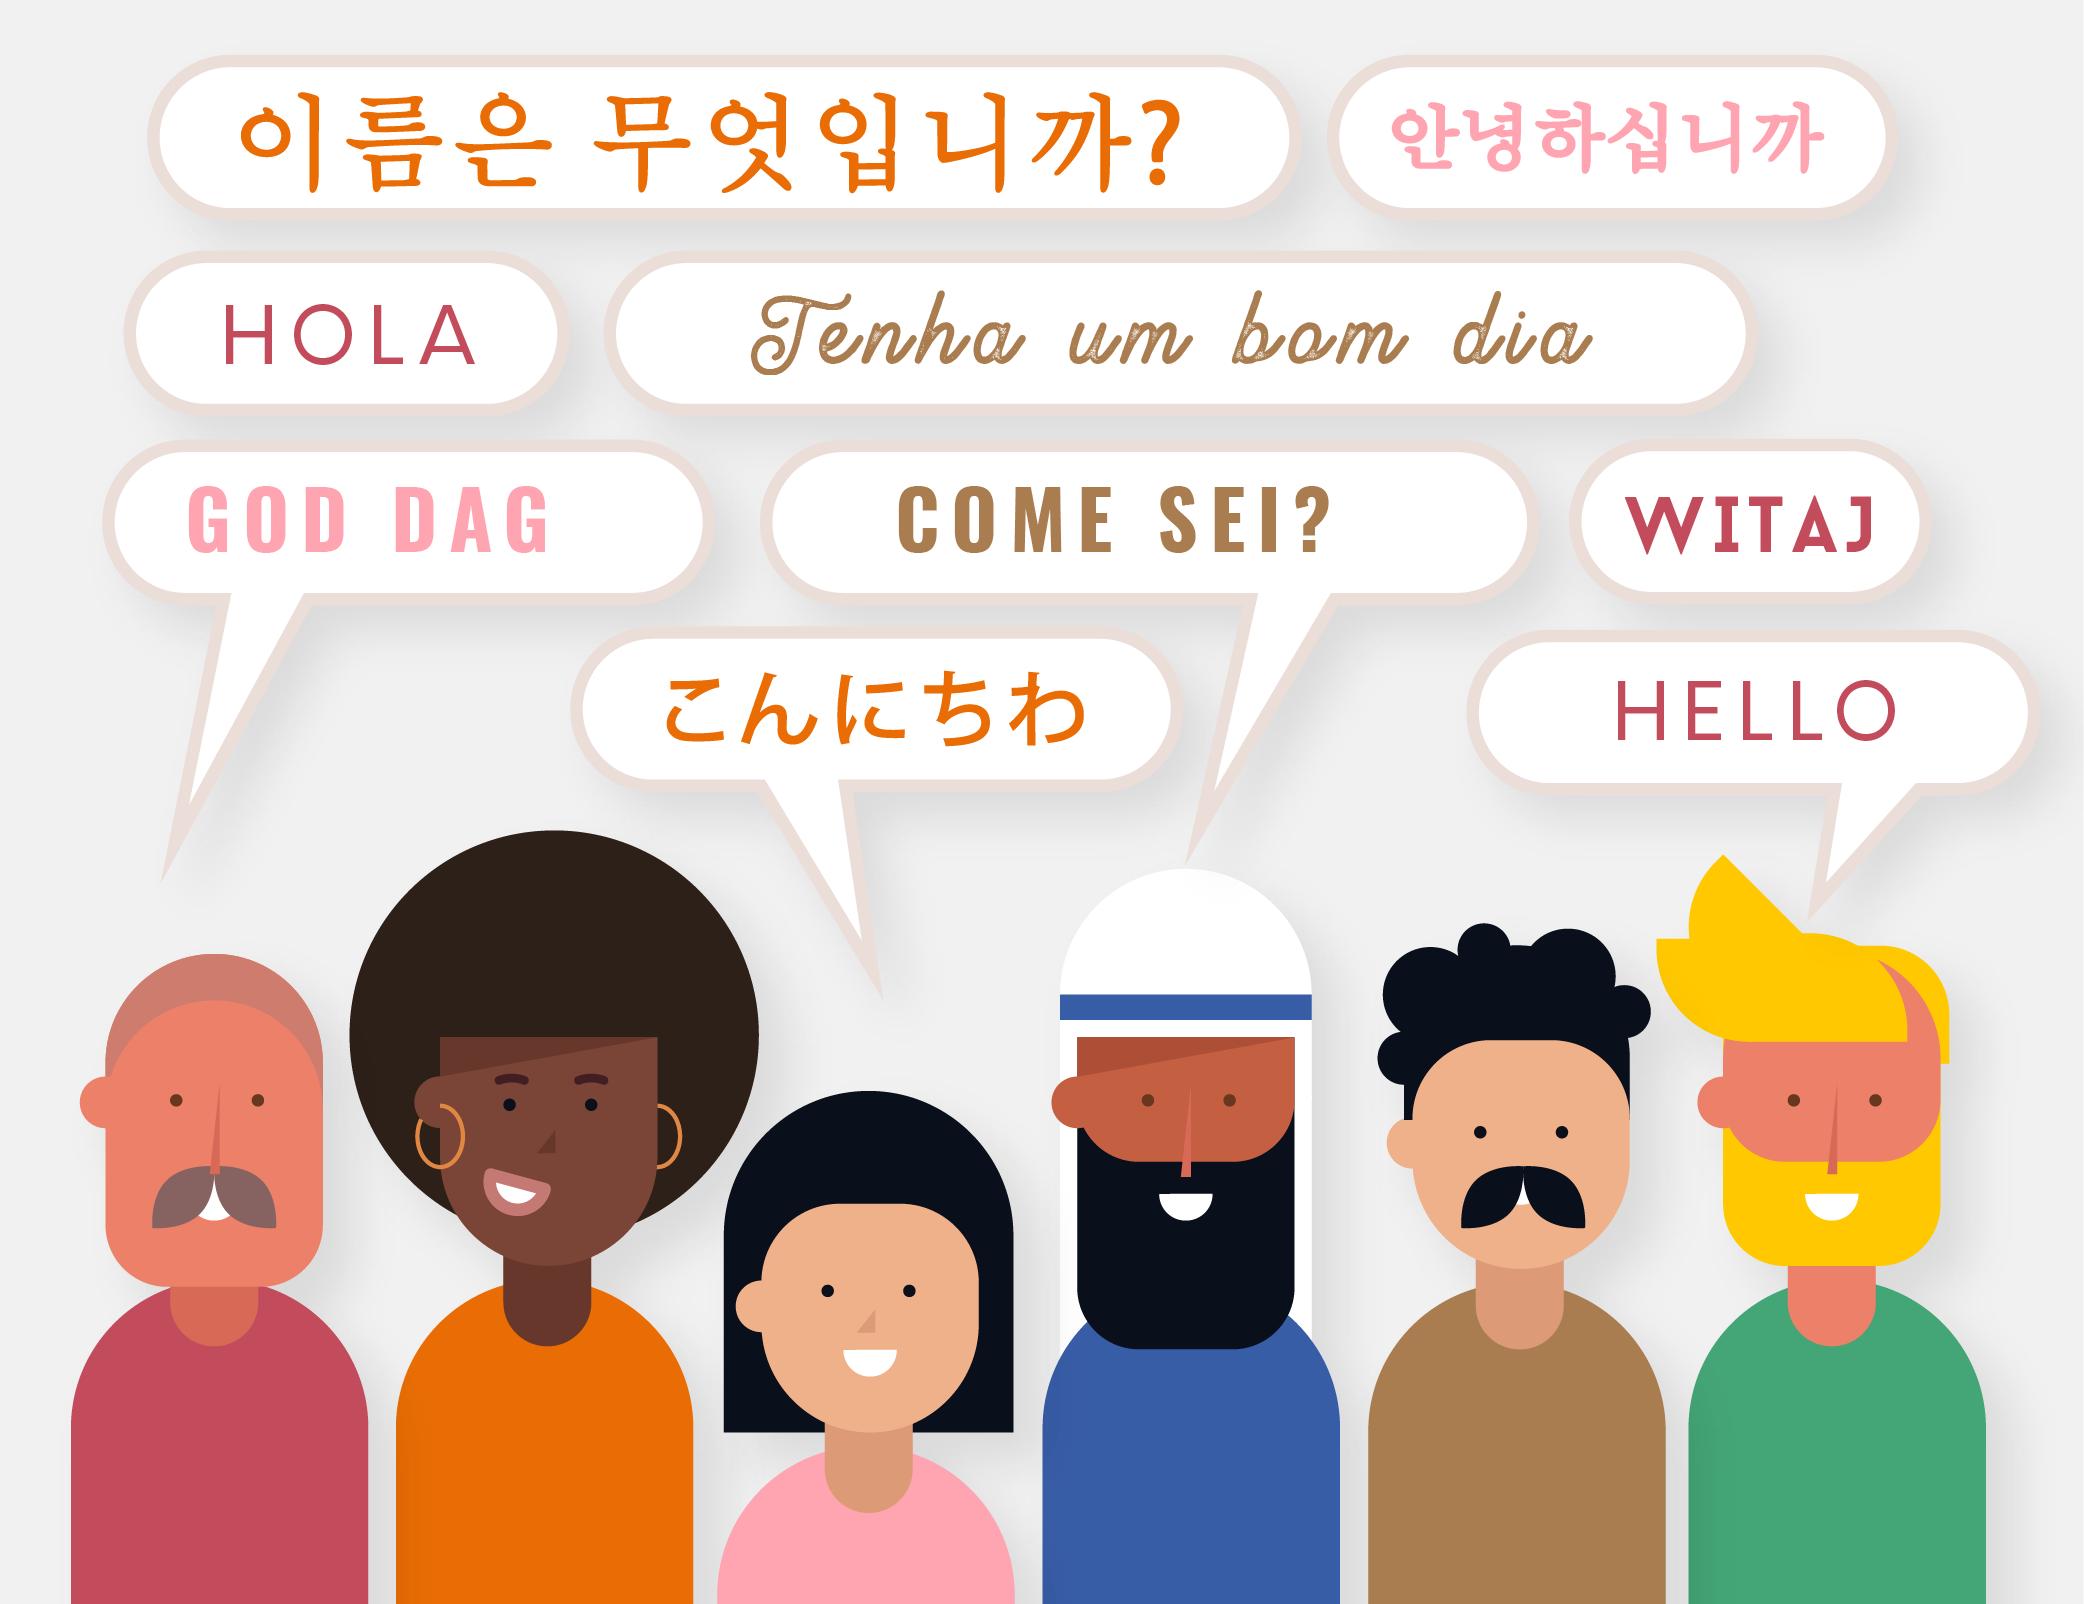 Et si vous profitiez de ce temps pour apprendre une langue ?